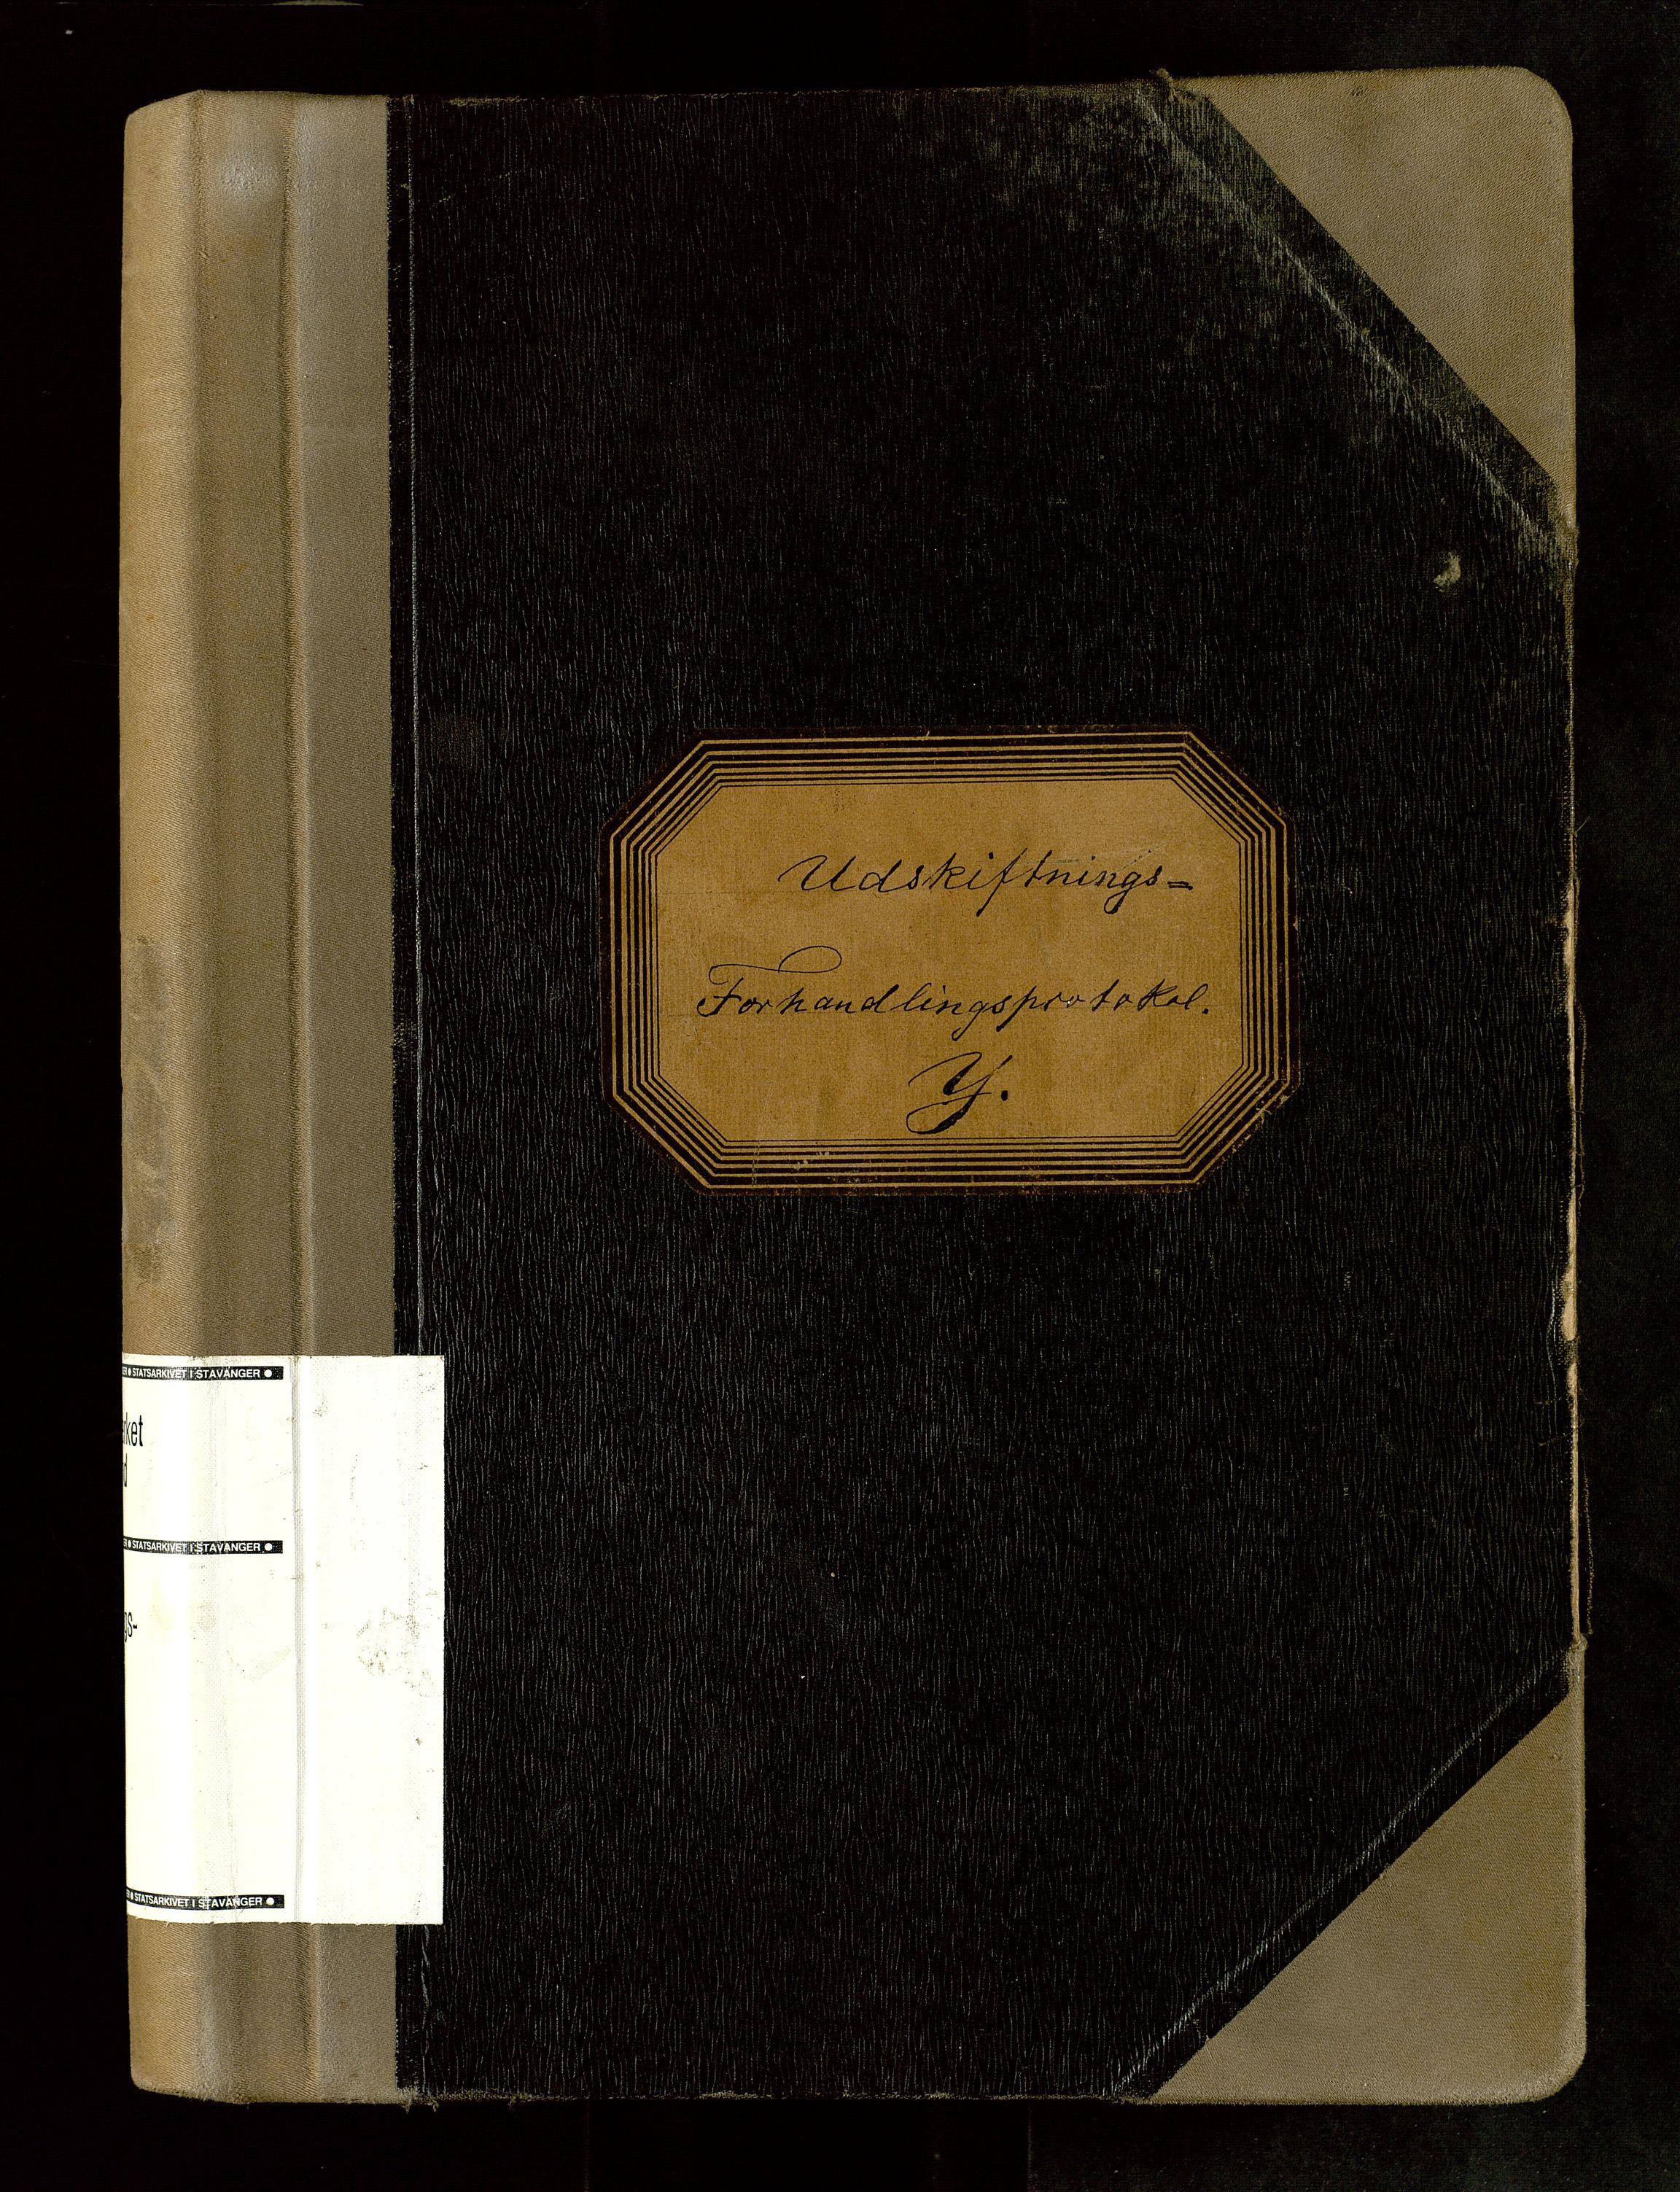 SAST, Rogaland jordskifterett, Oa/L0064: Forhandlingsprotokoll, 1905-1908